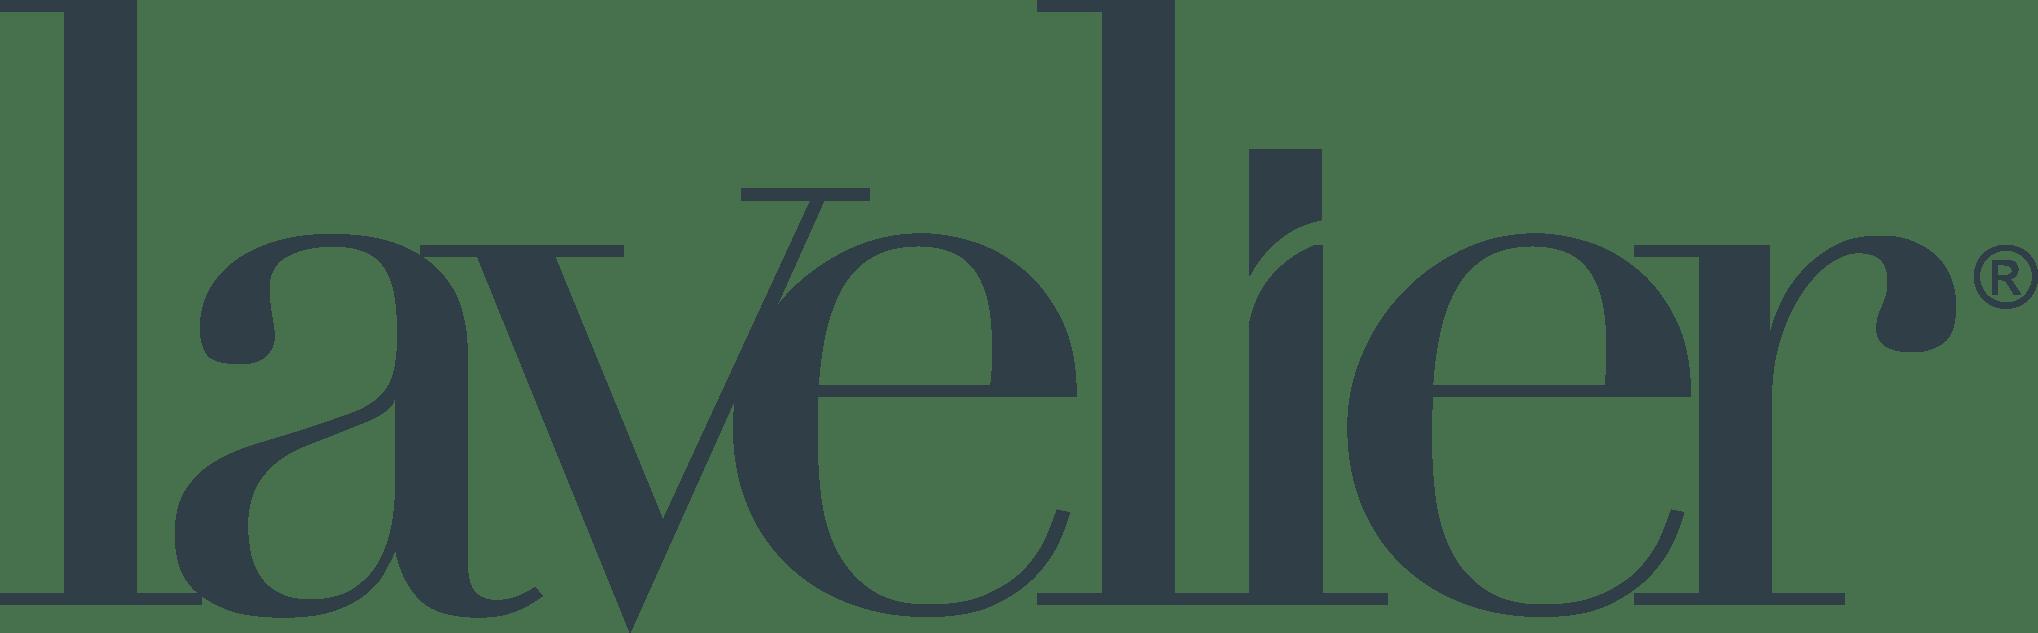 logo-main-blue